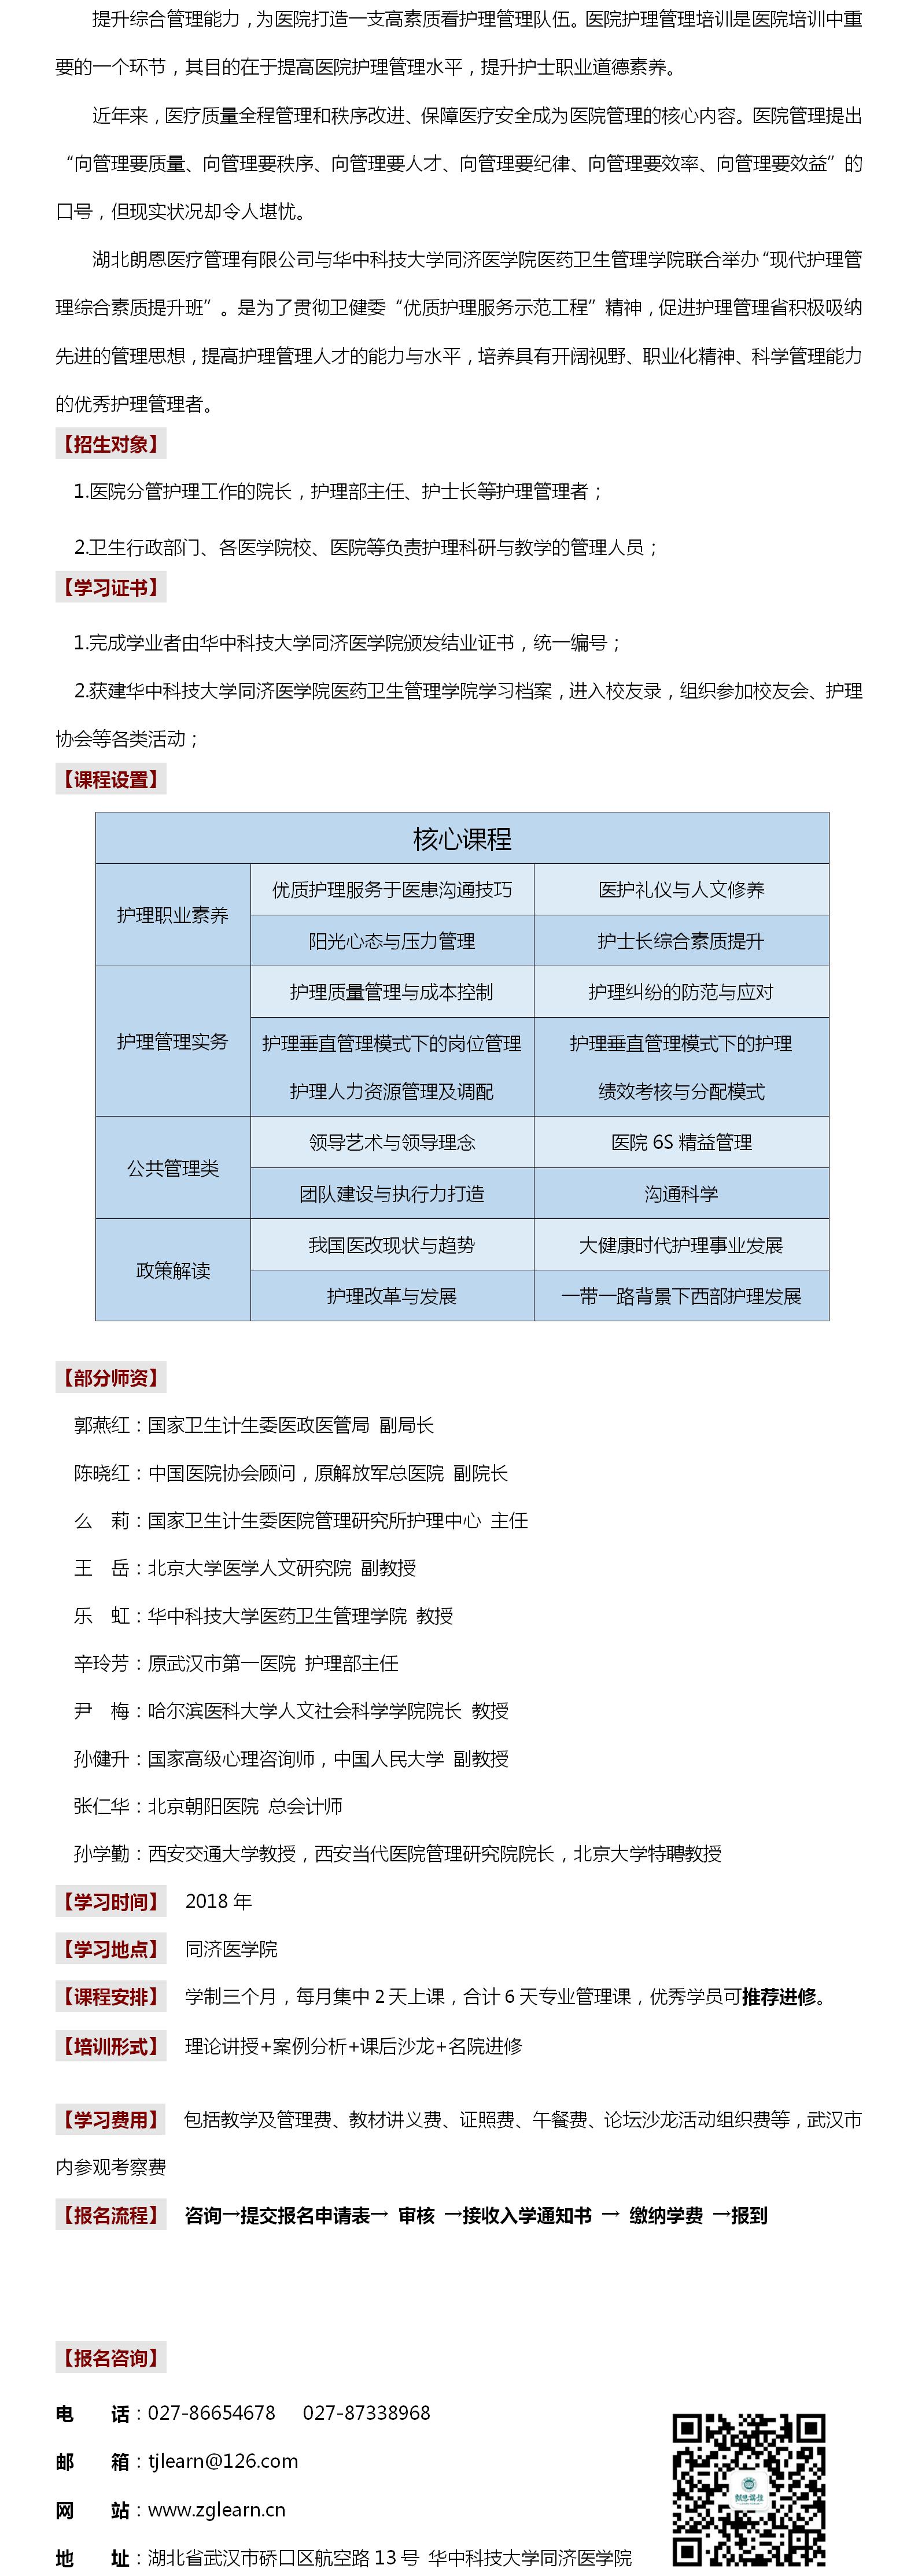 (网站上传)华中科技大学同济医学院首期护理管理高级研修班.png